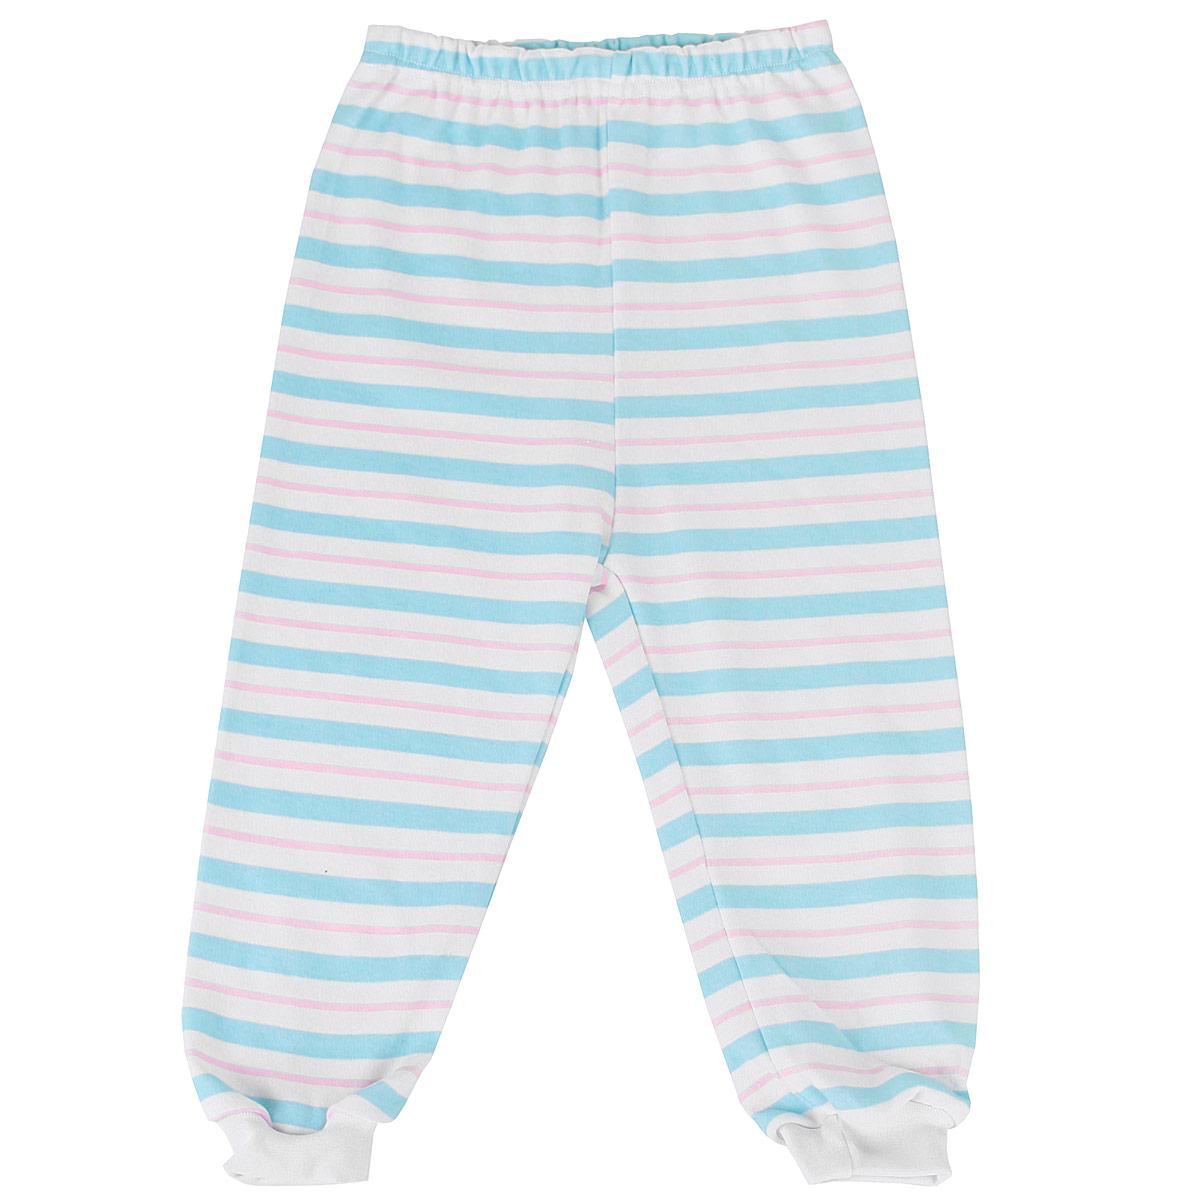 5315_полоскаУдобные штанишки Трон-плюс идеально подойдут вашему ребенку и станут отличным дополнением к детскому гардеробу. Изготовленные из натурального хлопка, они необычайно мягкие и легкие, не сковывают движения, позволяют коже дышать и не раздражают даже самую нежную и чувствительную кожу ребенка. Штанишки на талии имеют эластичную резинку, благодаря чему они не сдавливают животик ребенка и не сползают. Низ штанишек дополнен широкими эластичными манжетами. Оформлена модель принтом в полоску. В таких штанишках ваш ребенок будет чувствовать себя комфортно и уютно.